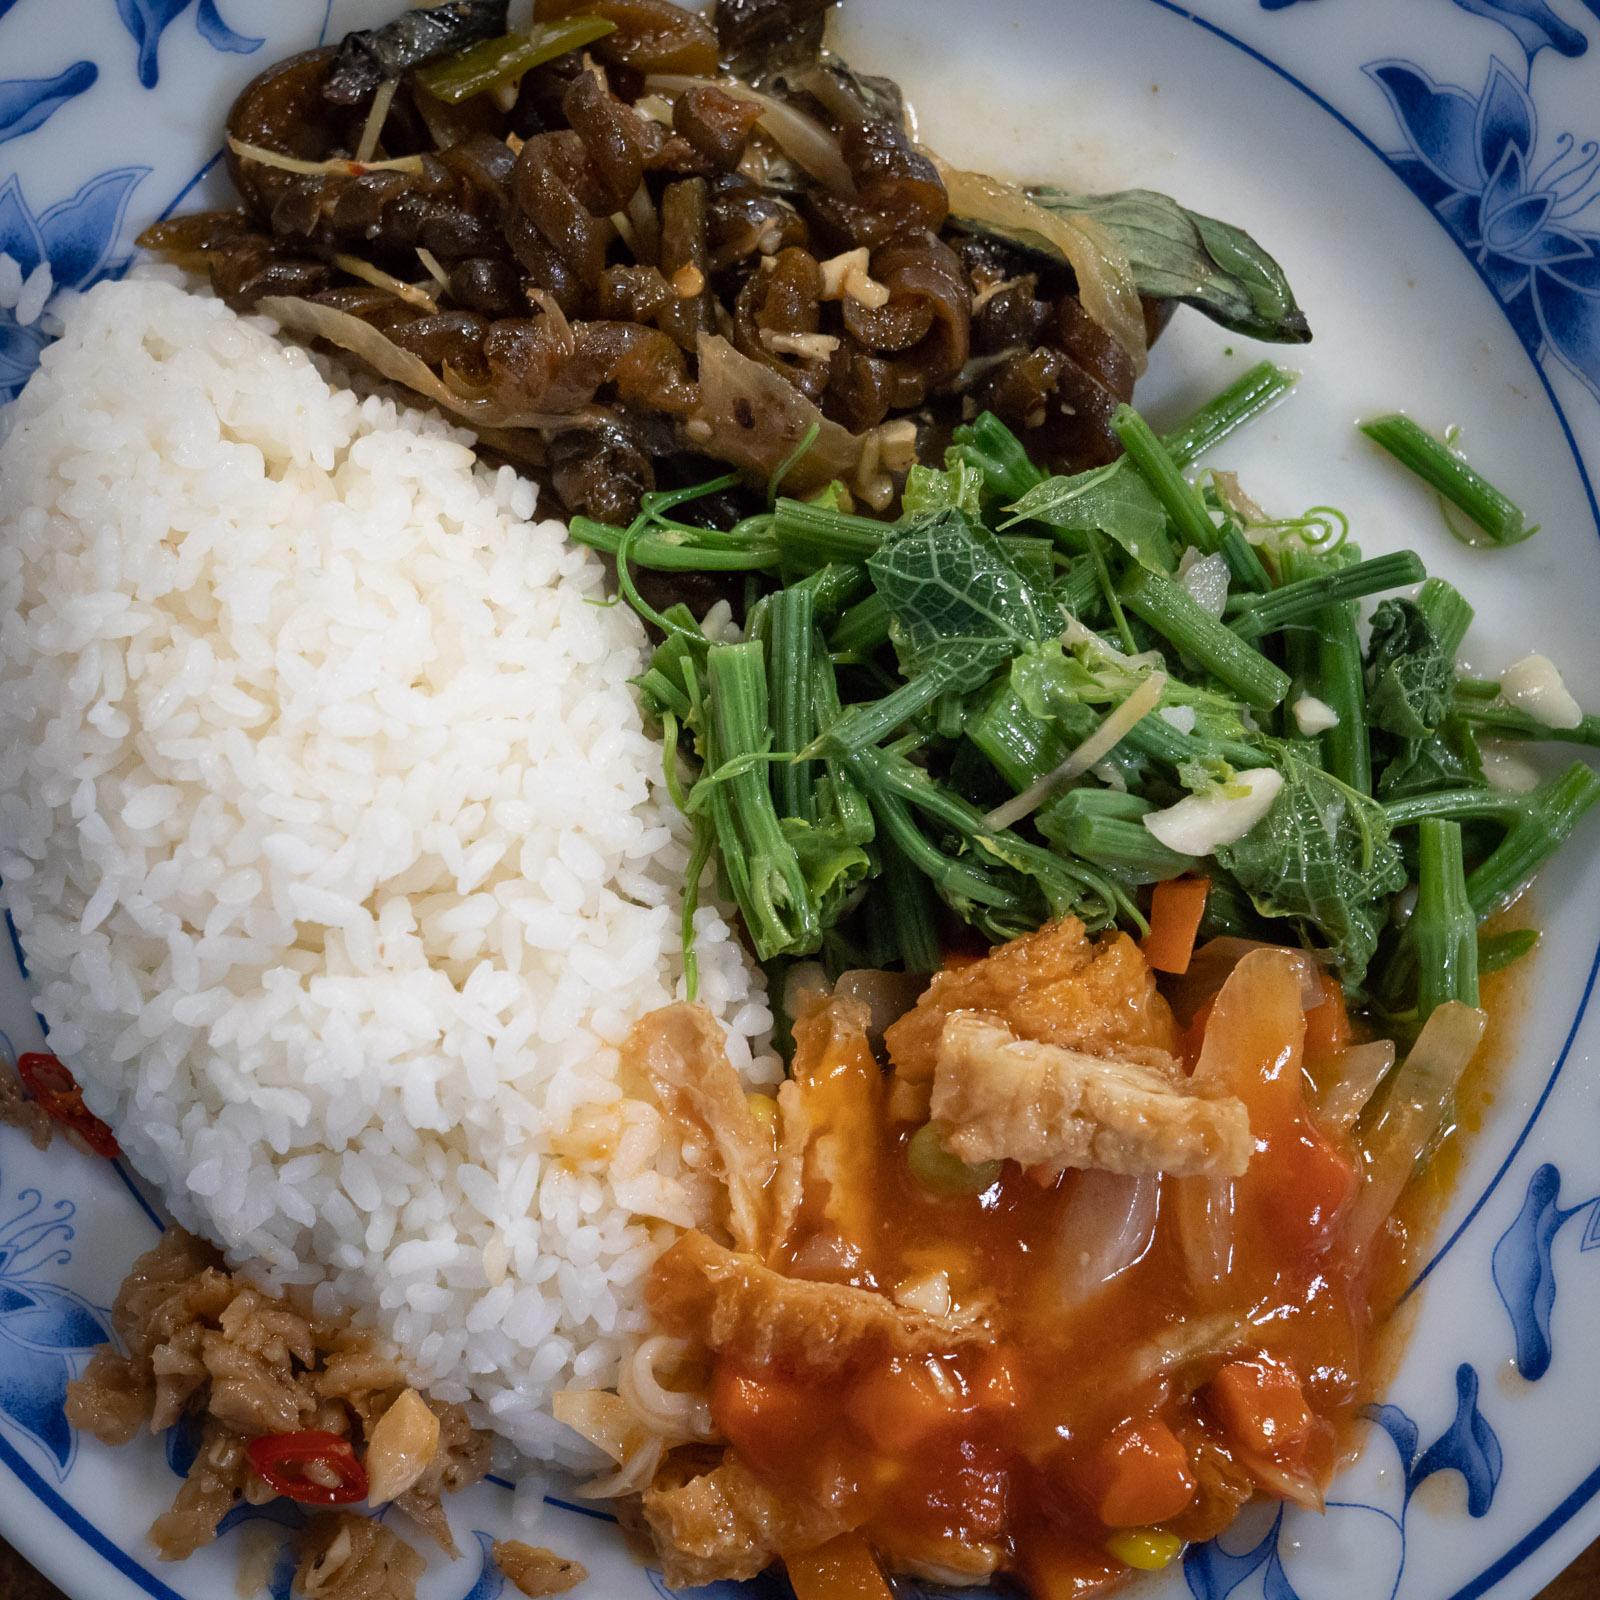 ワンプレートに盛られたご飯と付け合わせの副菜3品